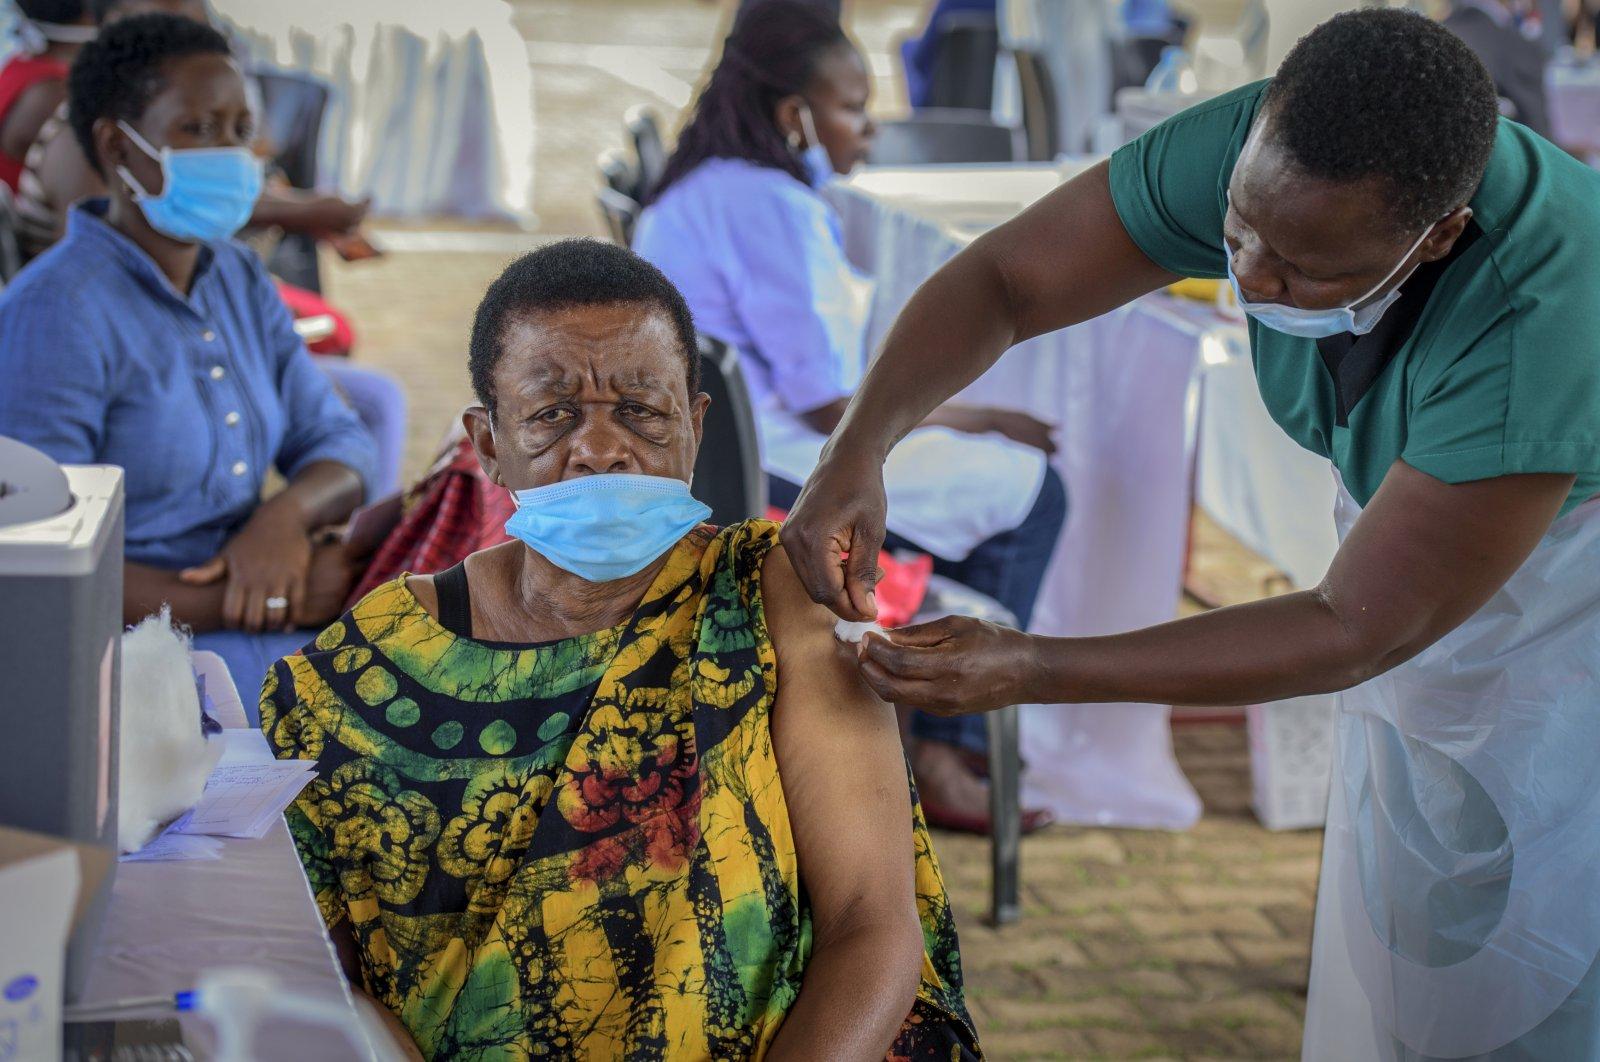 A woman receives a coronavirus vaccine shot at the Kololo airstrip in Kampala, Uganda, May 31, 2021. (AP Photo)